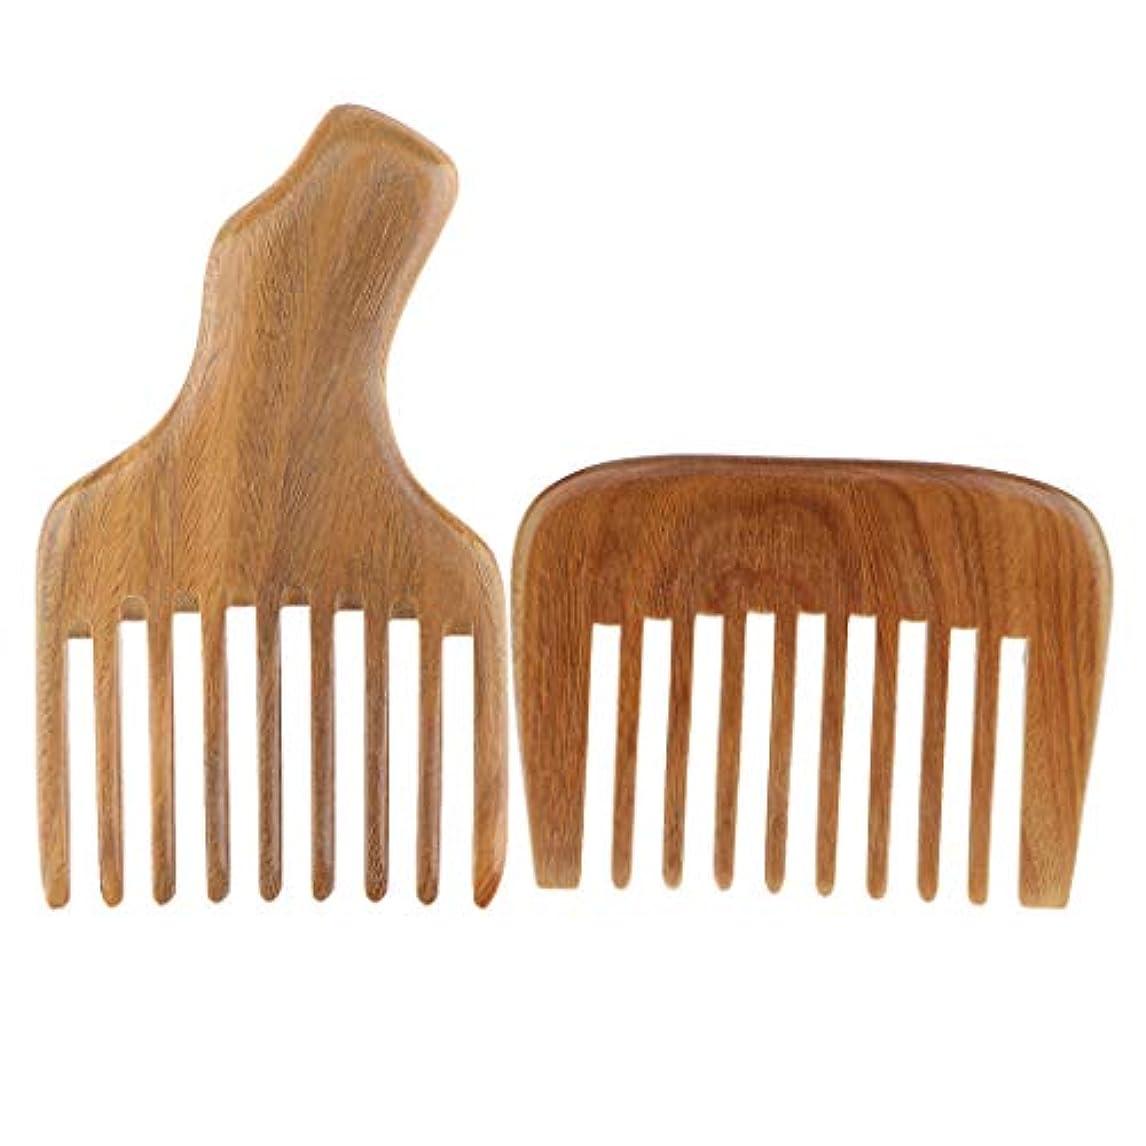 会計心のこもったカーペットDYNWAVE ウッドコーム 天然木の櫛セット 髪のマッサージの櫛 2個セット